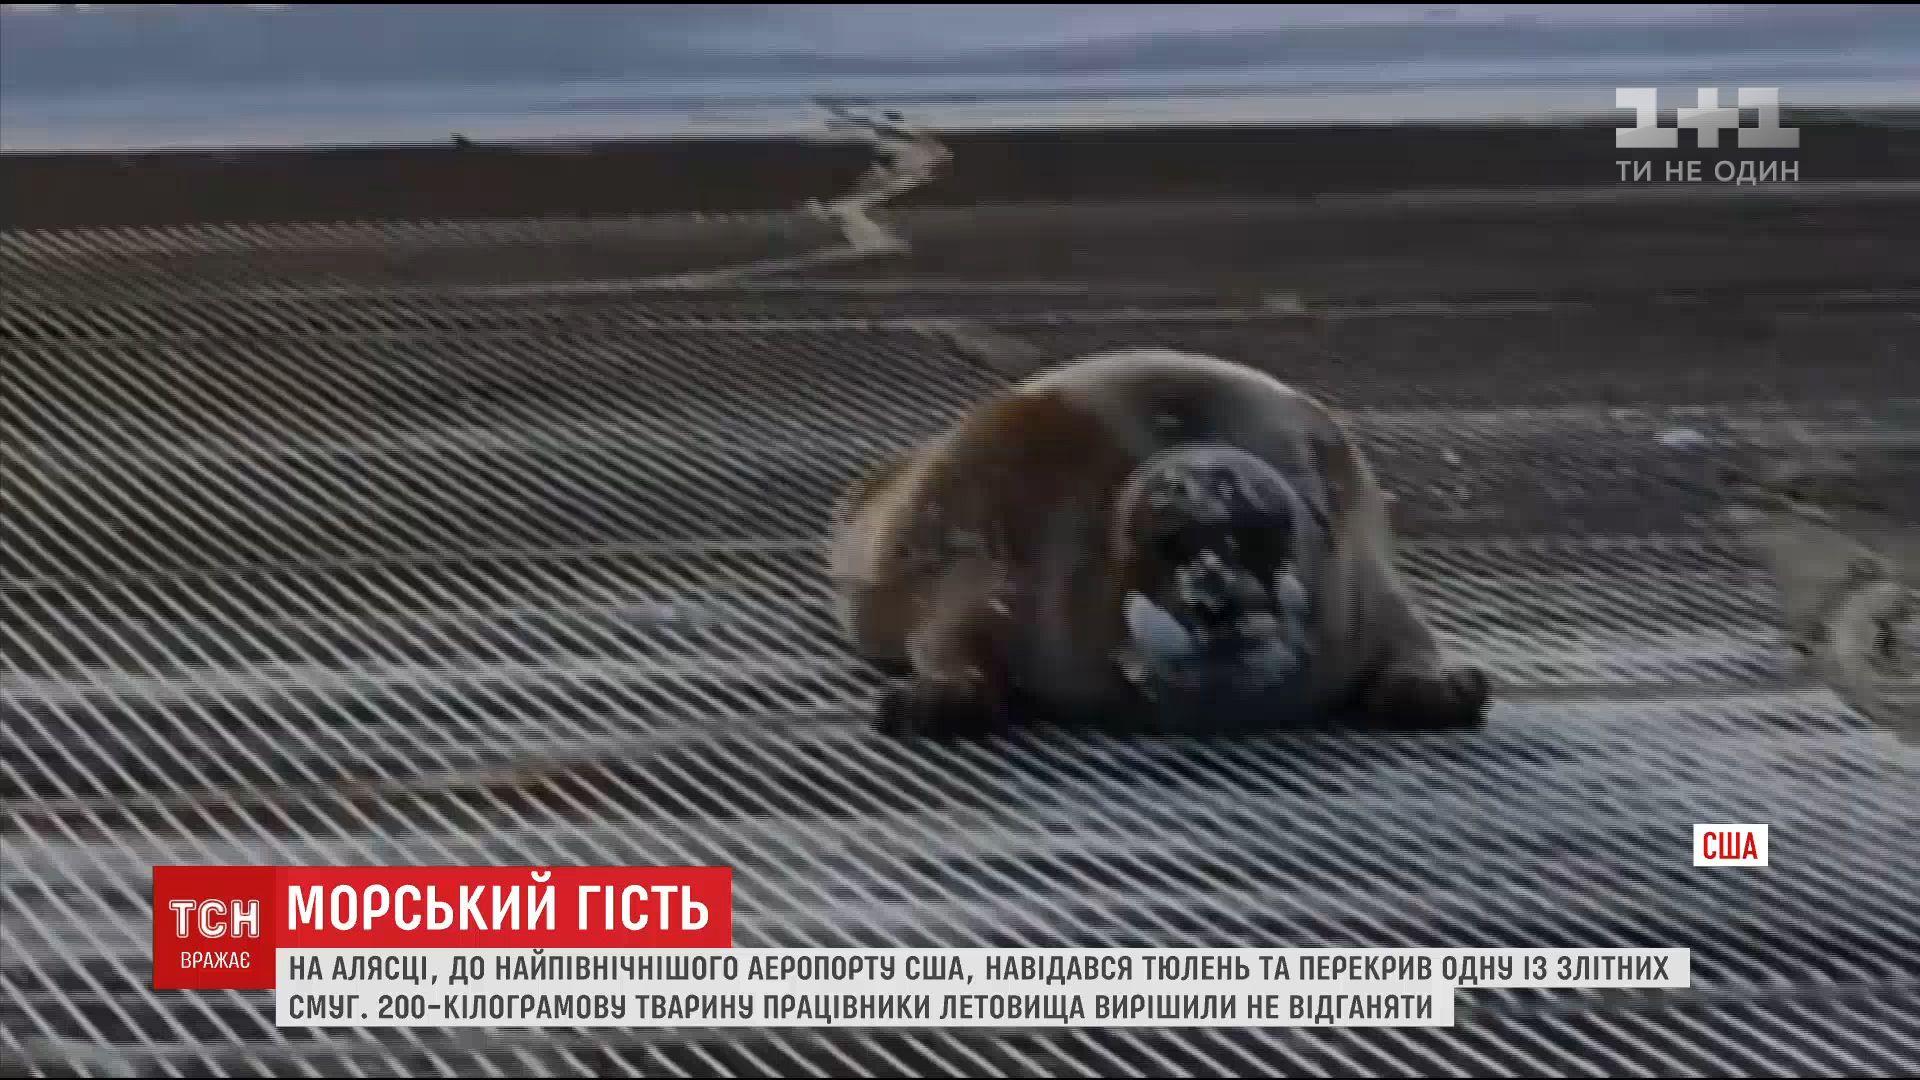 Тюлень отдыхал на взлетной полосе / скриншот